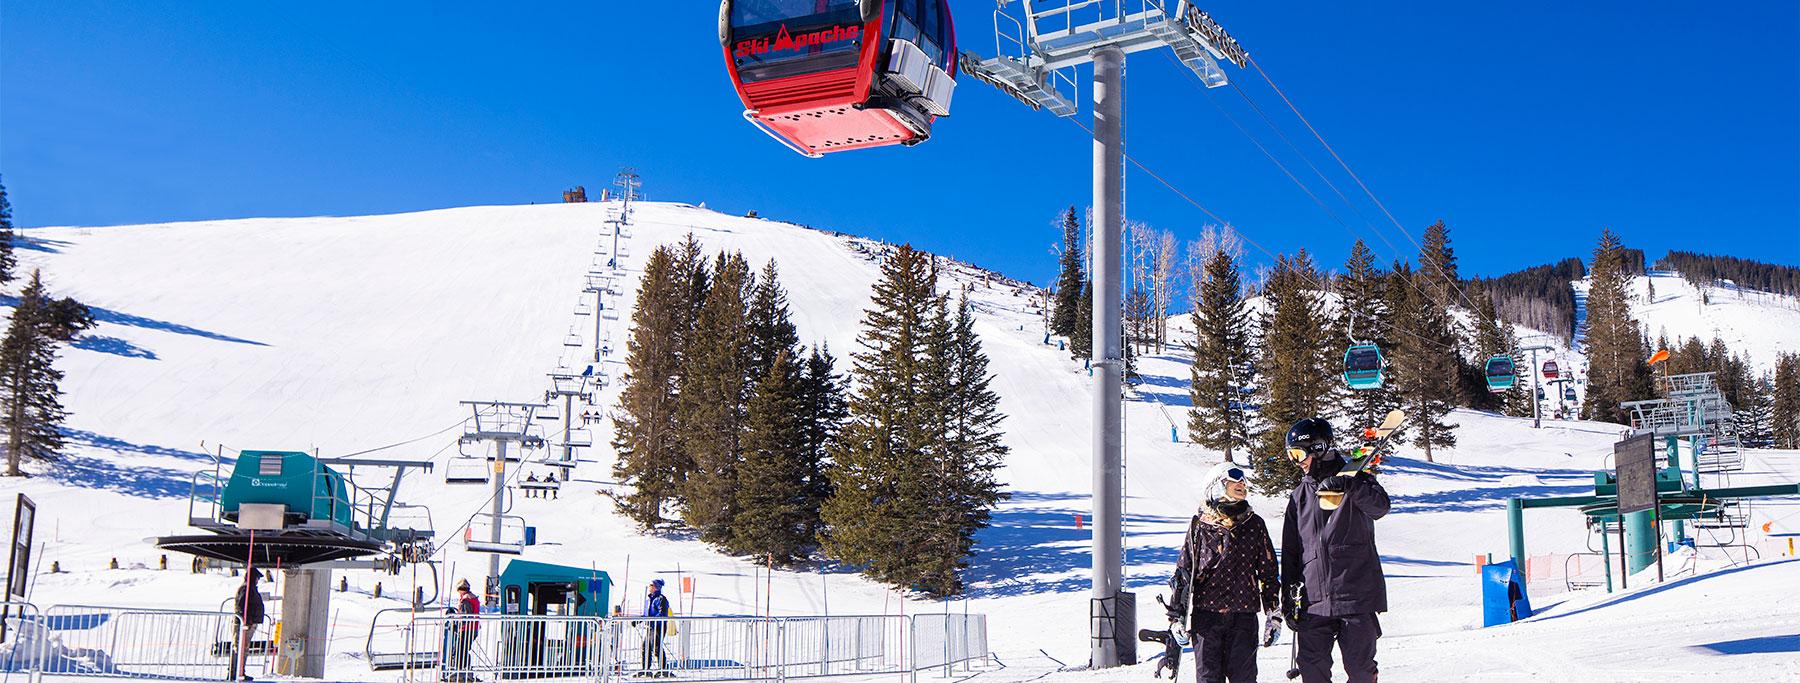 Ski Apache Web Cam